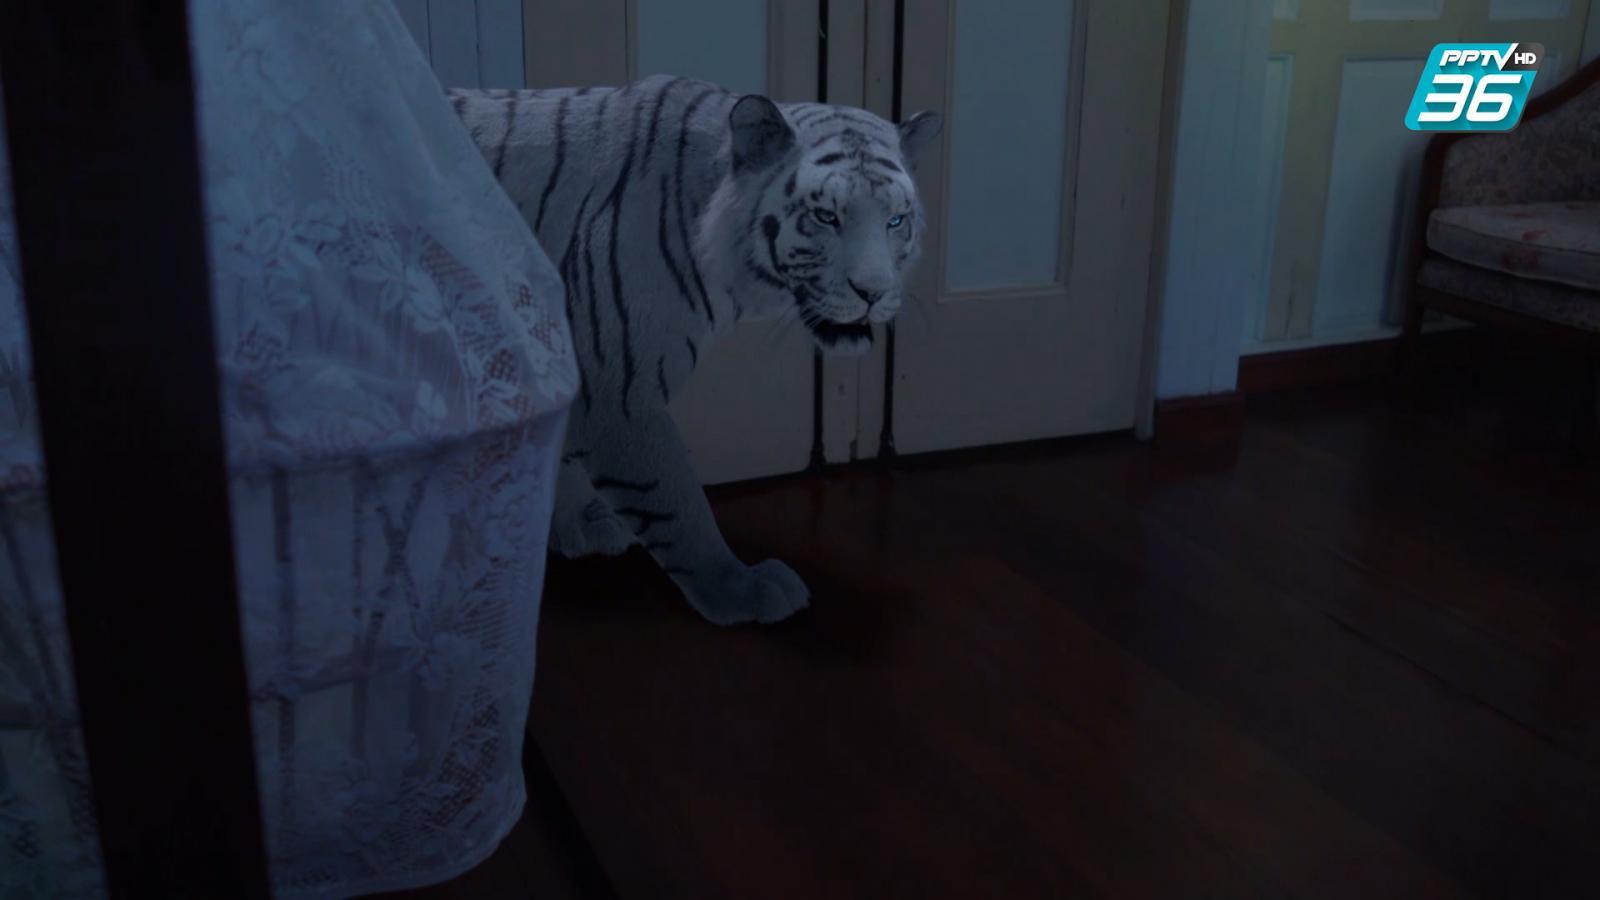 ฟินสุด | มีชีวิตในร่างเสือเพื่อลูก | ฝ่าดงพยัคฆ์ EP.30 | PPTV HD 36